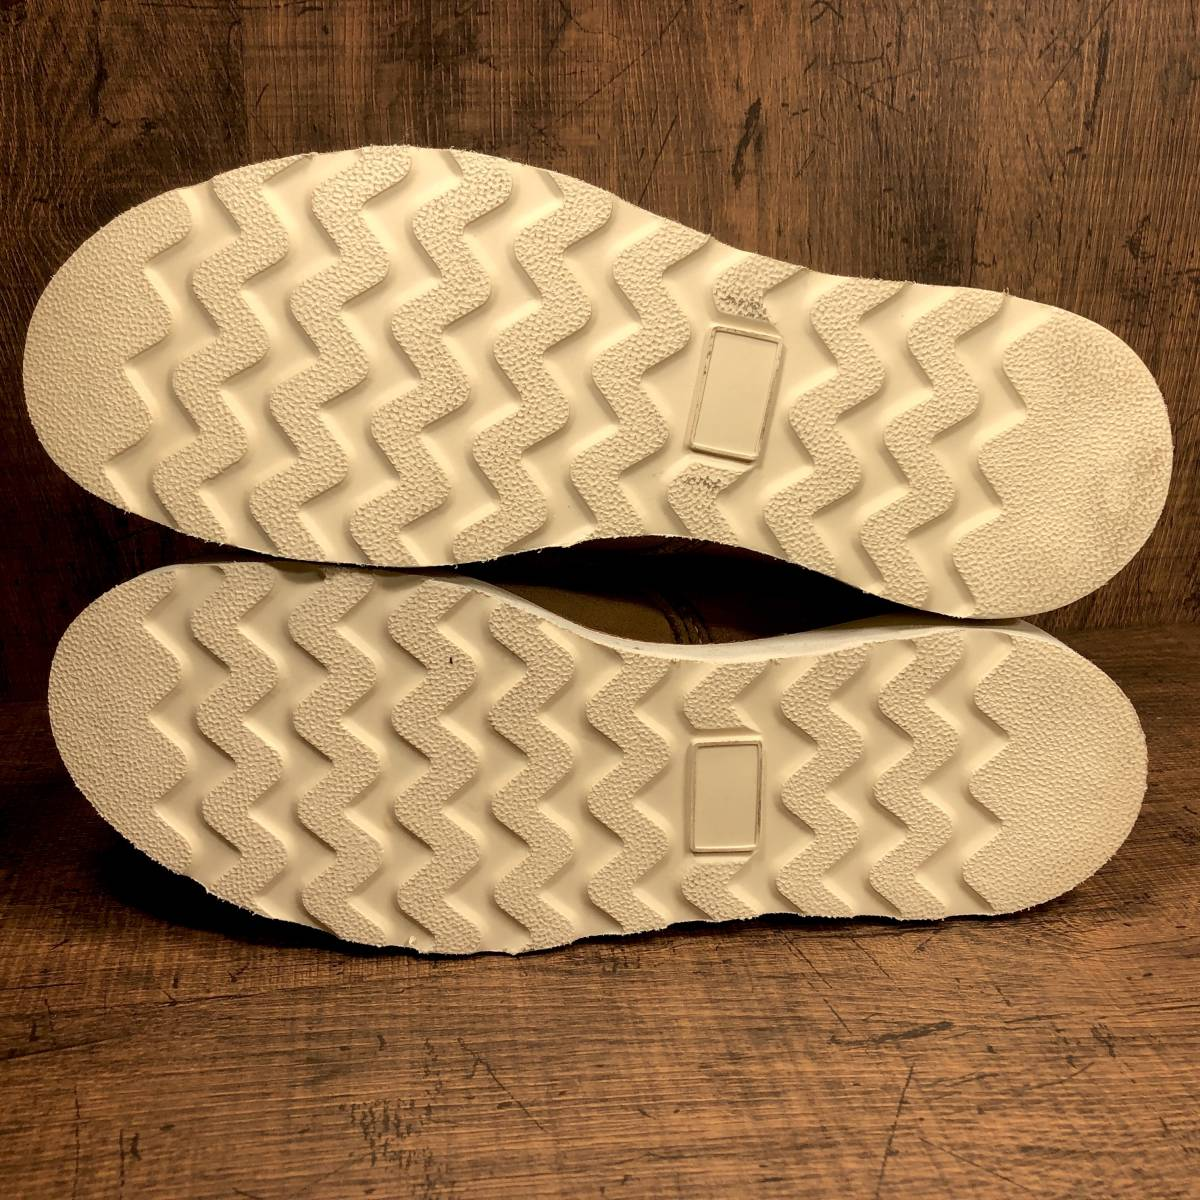 ■RED WING 8181■ 26cm US8D 茶 ブラウン レッドウィング ショートカットブーツ メンズ 革靴 靴 くつ ブーツ 即決_画像3